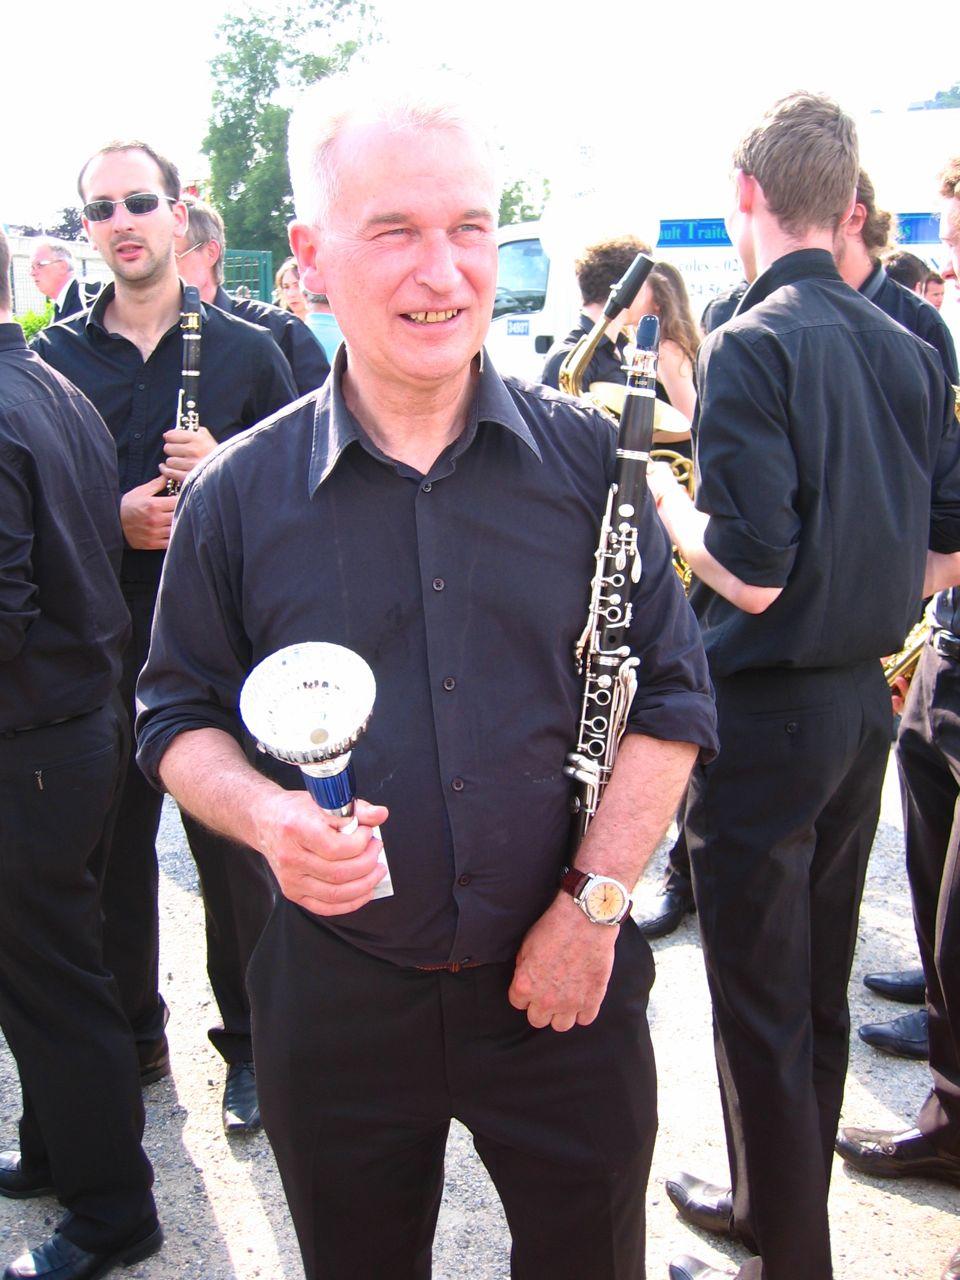 OHTG-concours-Laon-Juin2011-24